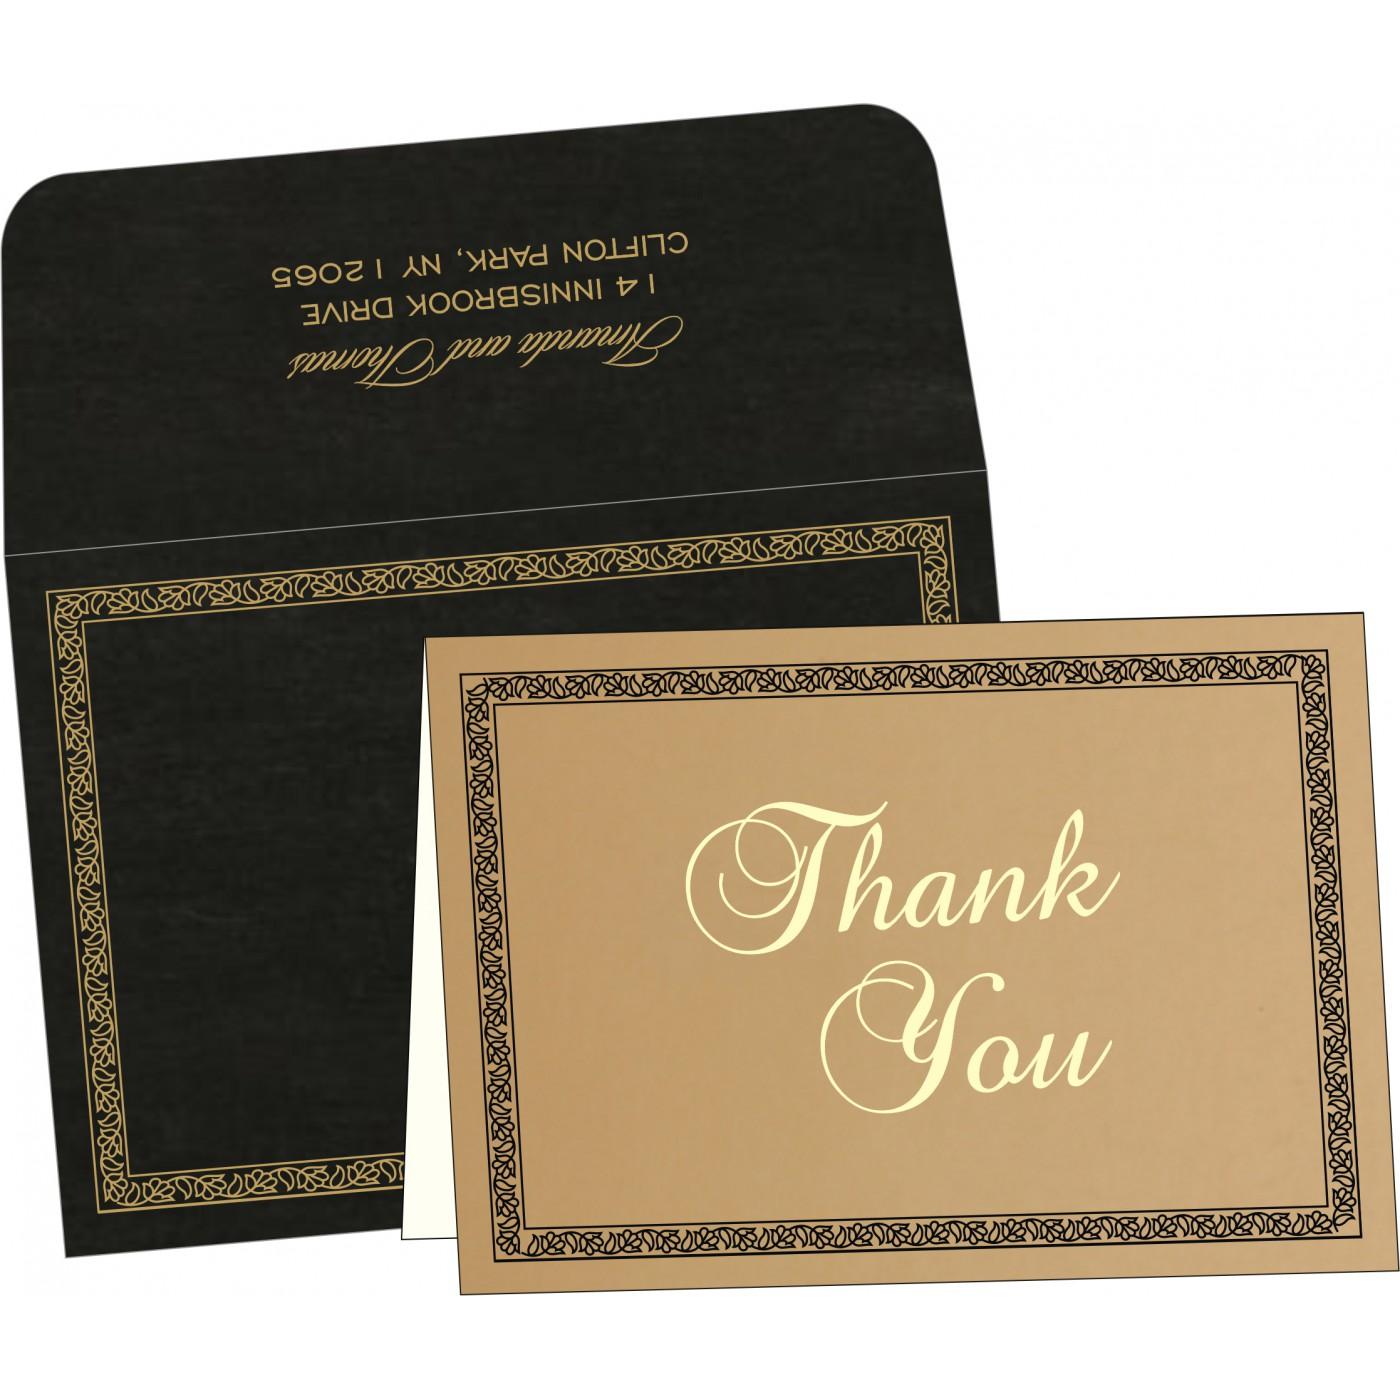 Thank You Cards : TYC-8211N - 123WeddingCards